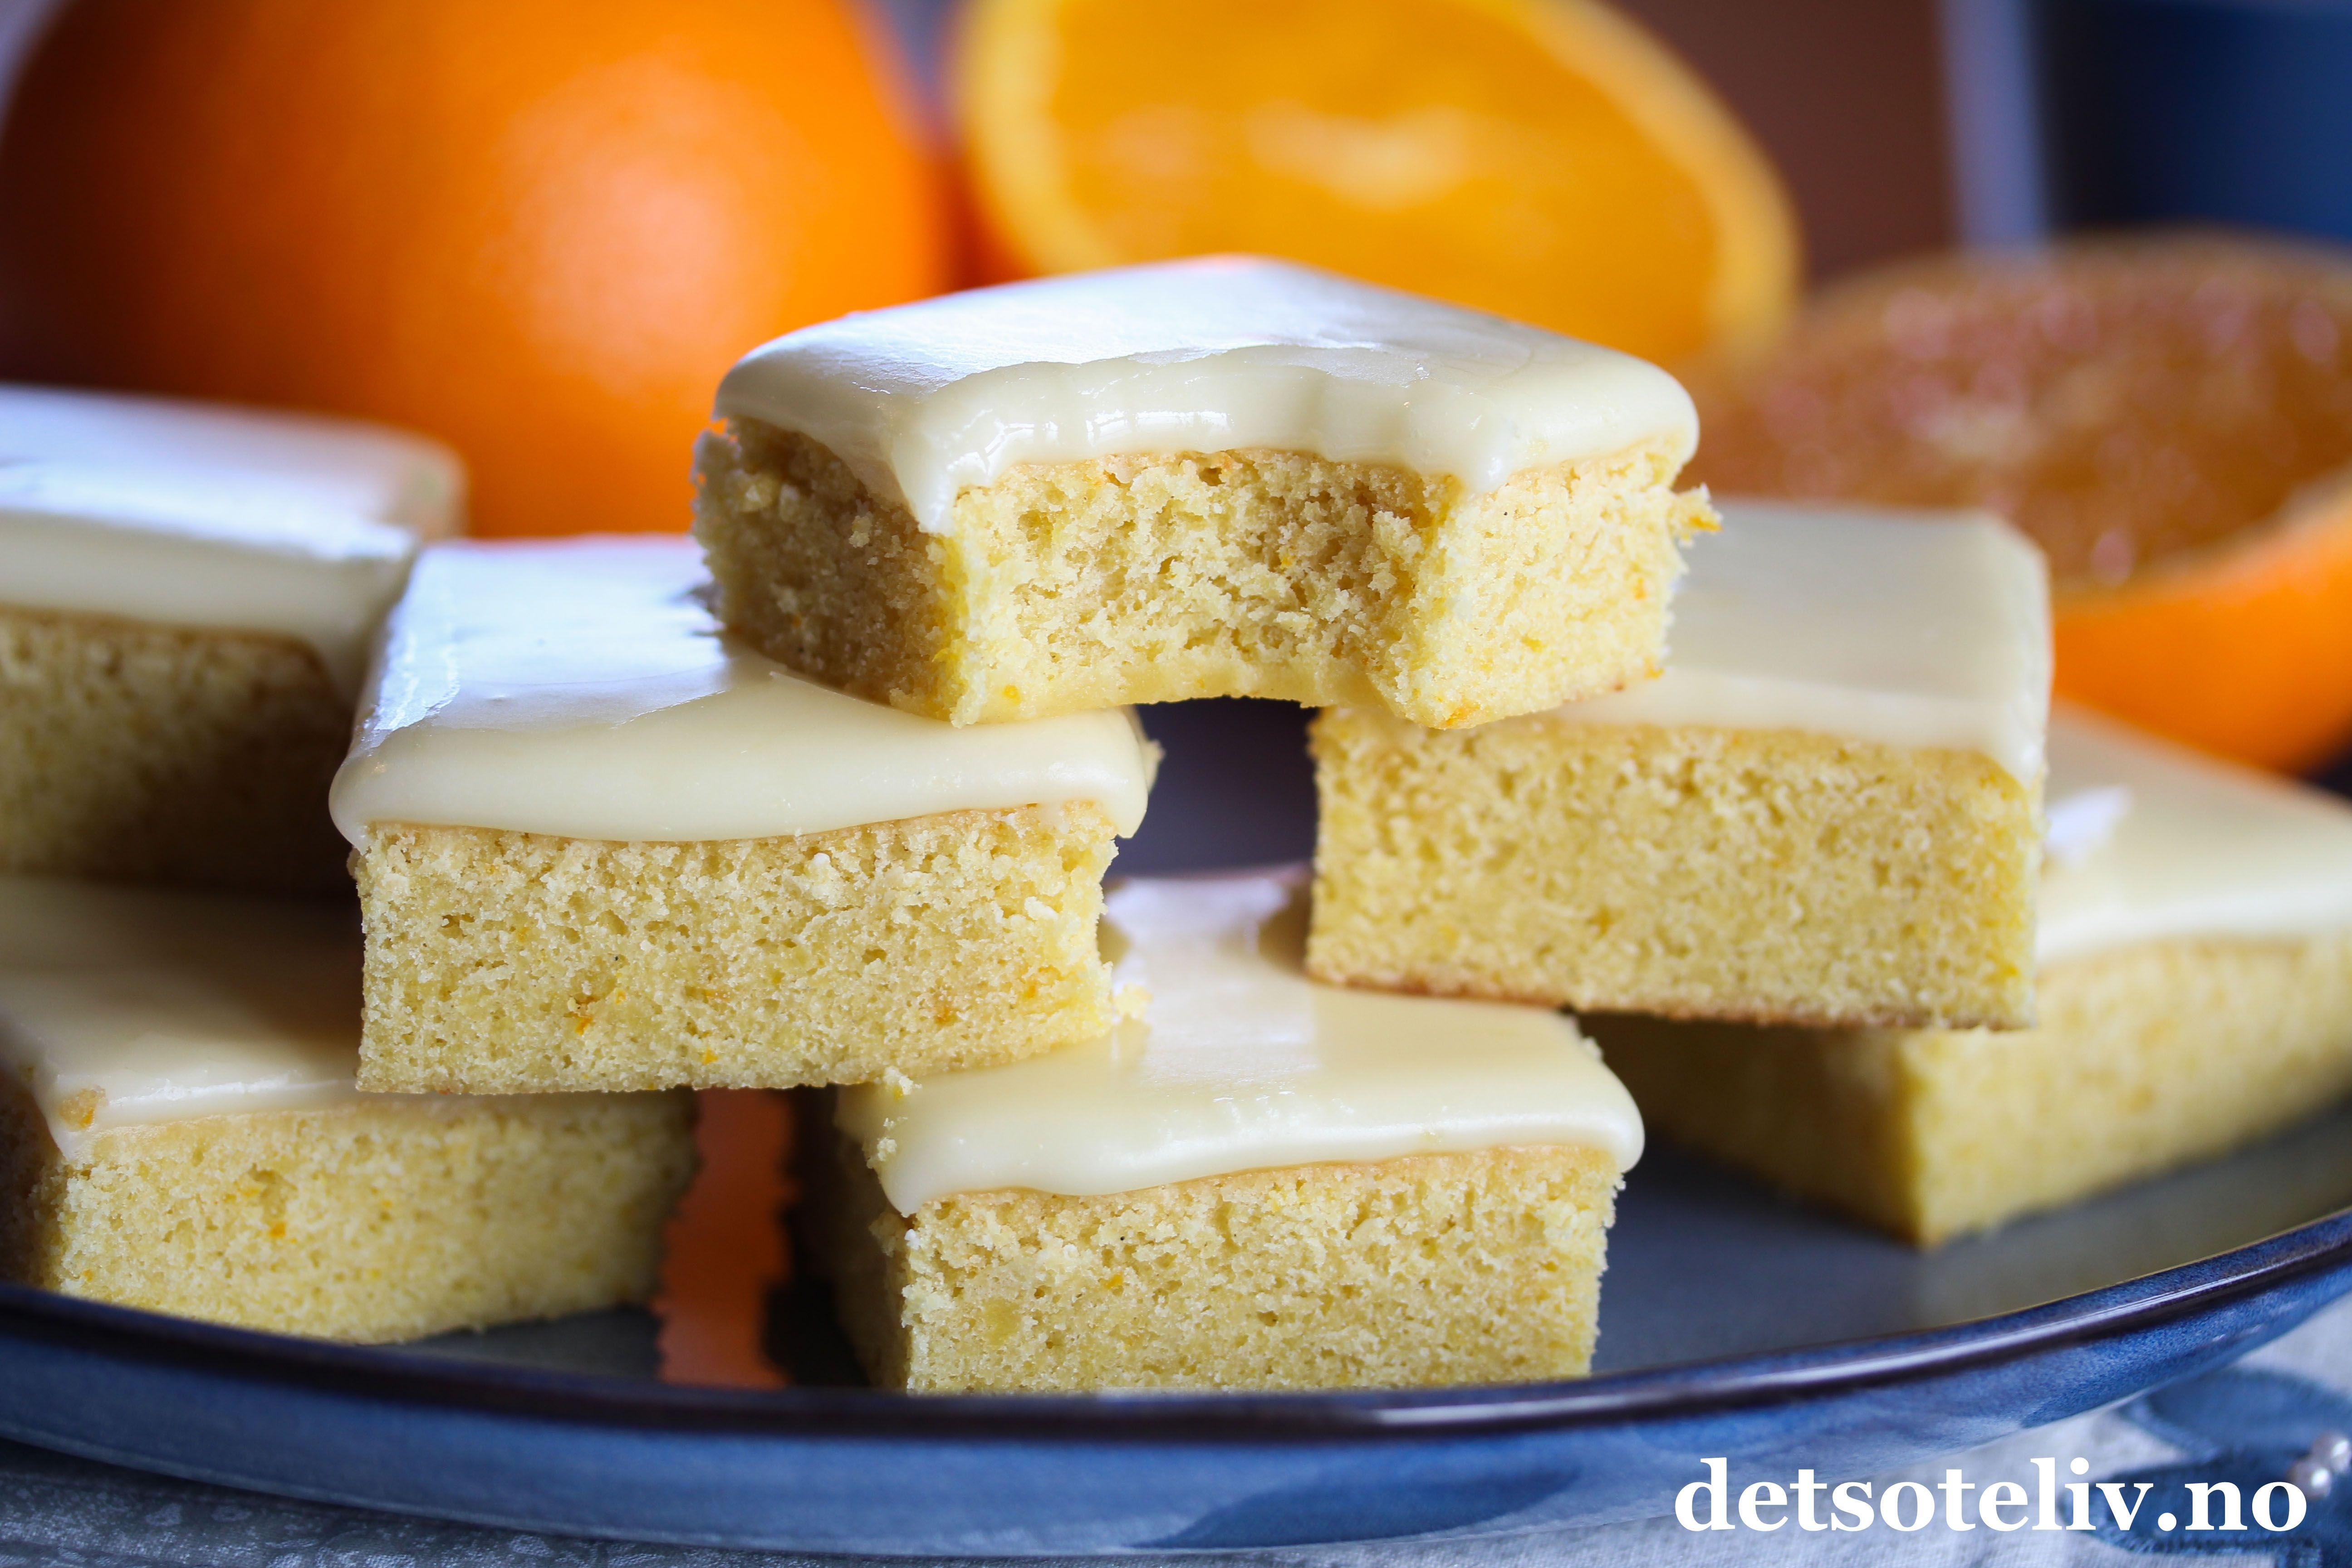 Hei! Håper dere har hatt en fin helg! Før påske var det veldig mange av dere som søkte opp oppskriften på Lemonies, som er en deilig sitronkake med den samme, bløte konsistensen som brownies. Jeg fikk selv lyst til å prøve kakene med appelsinsmak, og det ble også kjempegodt! Jeg kaller dem Orangies..  Neste eksperiment blir å lage denne kaken med lime, og da får jeg vel kalle dem Limies... Dette er en nydelig kake somsmaker godtåret rundt! Kaken er lett å lage og passer til liten…